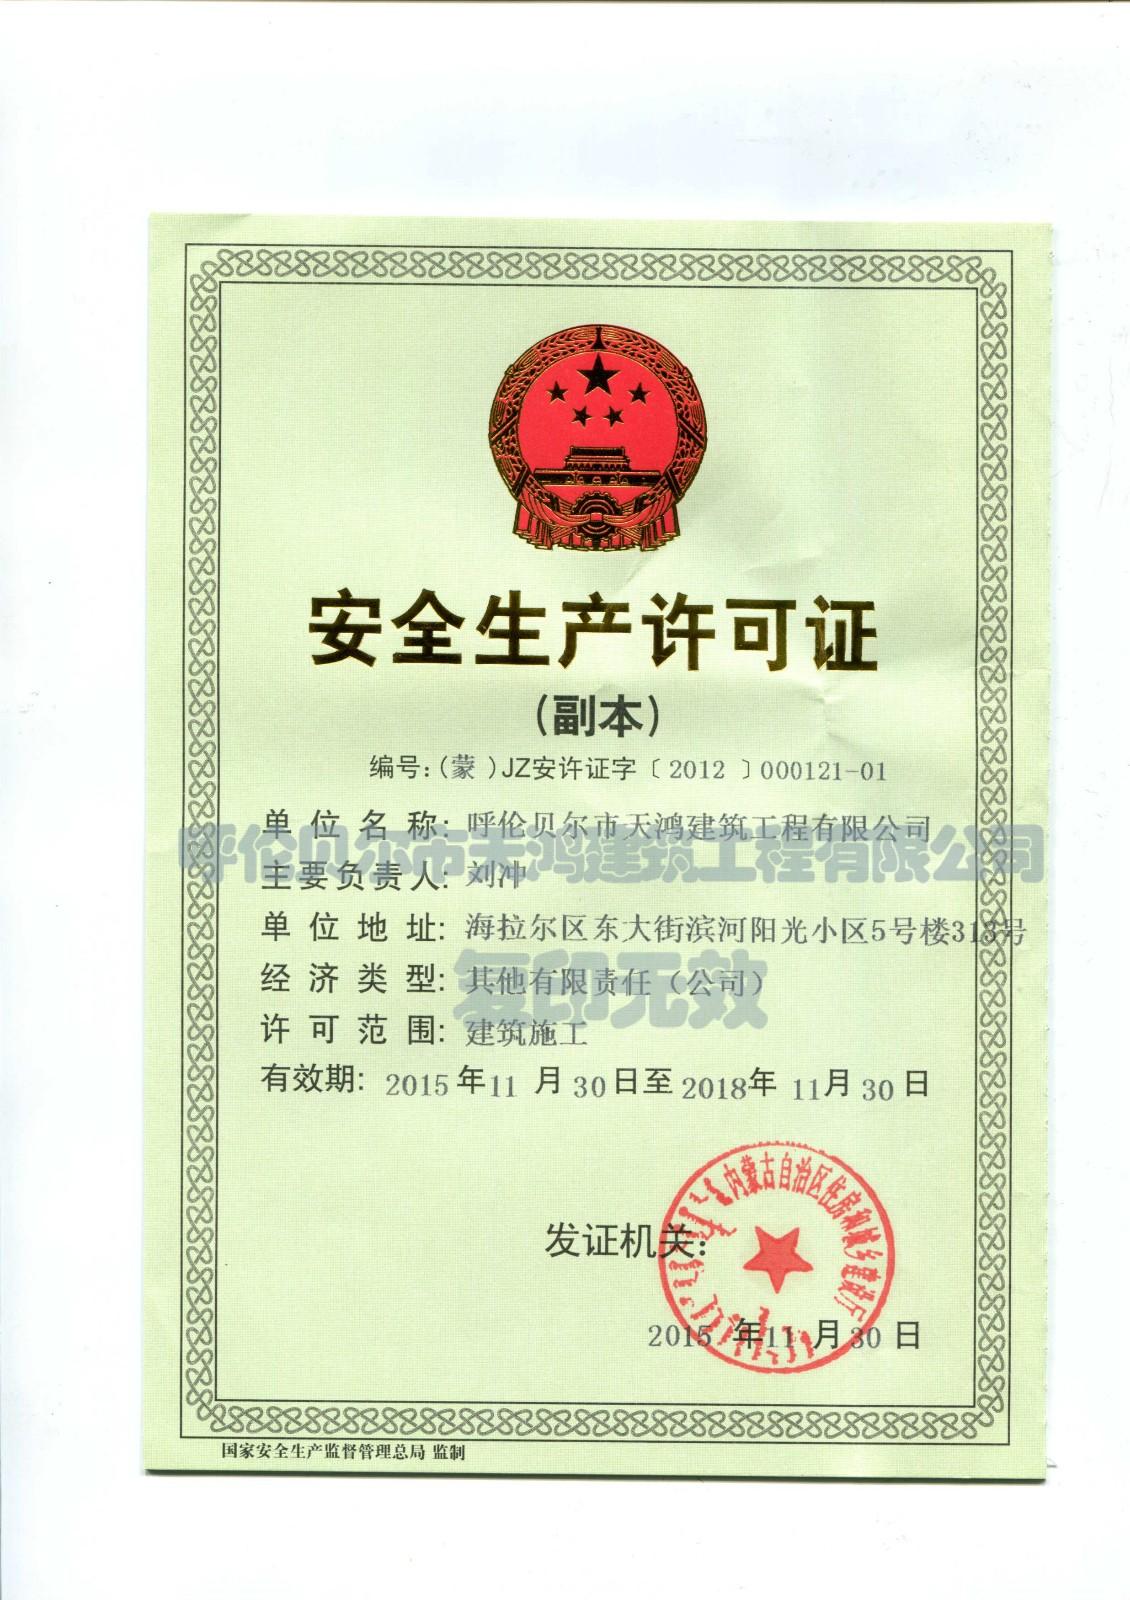 安全生产许可证 副本_meitu_1.jpg